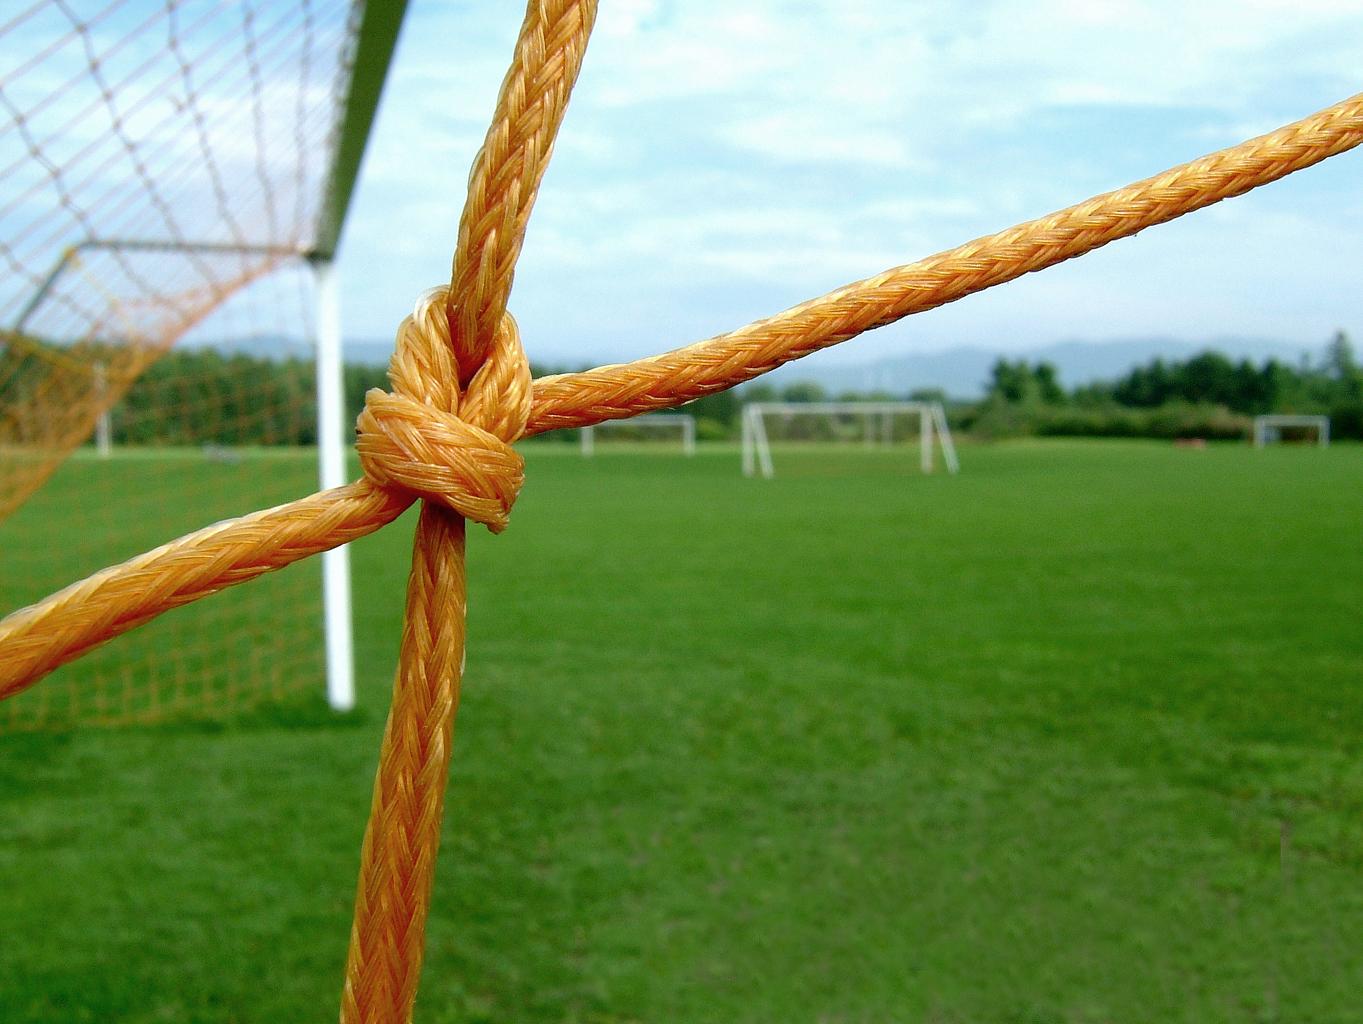 soccer-net-1504723